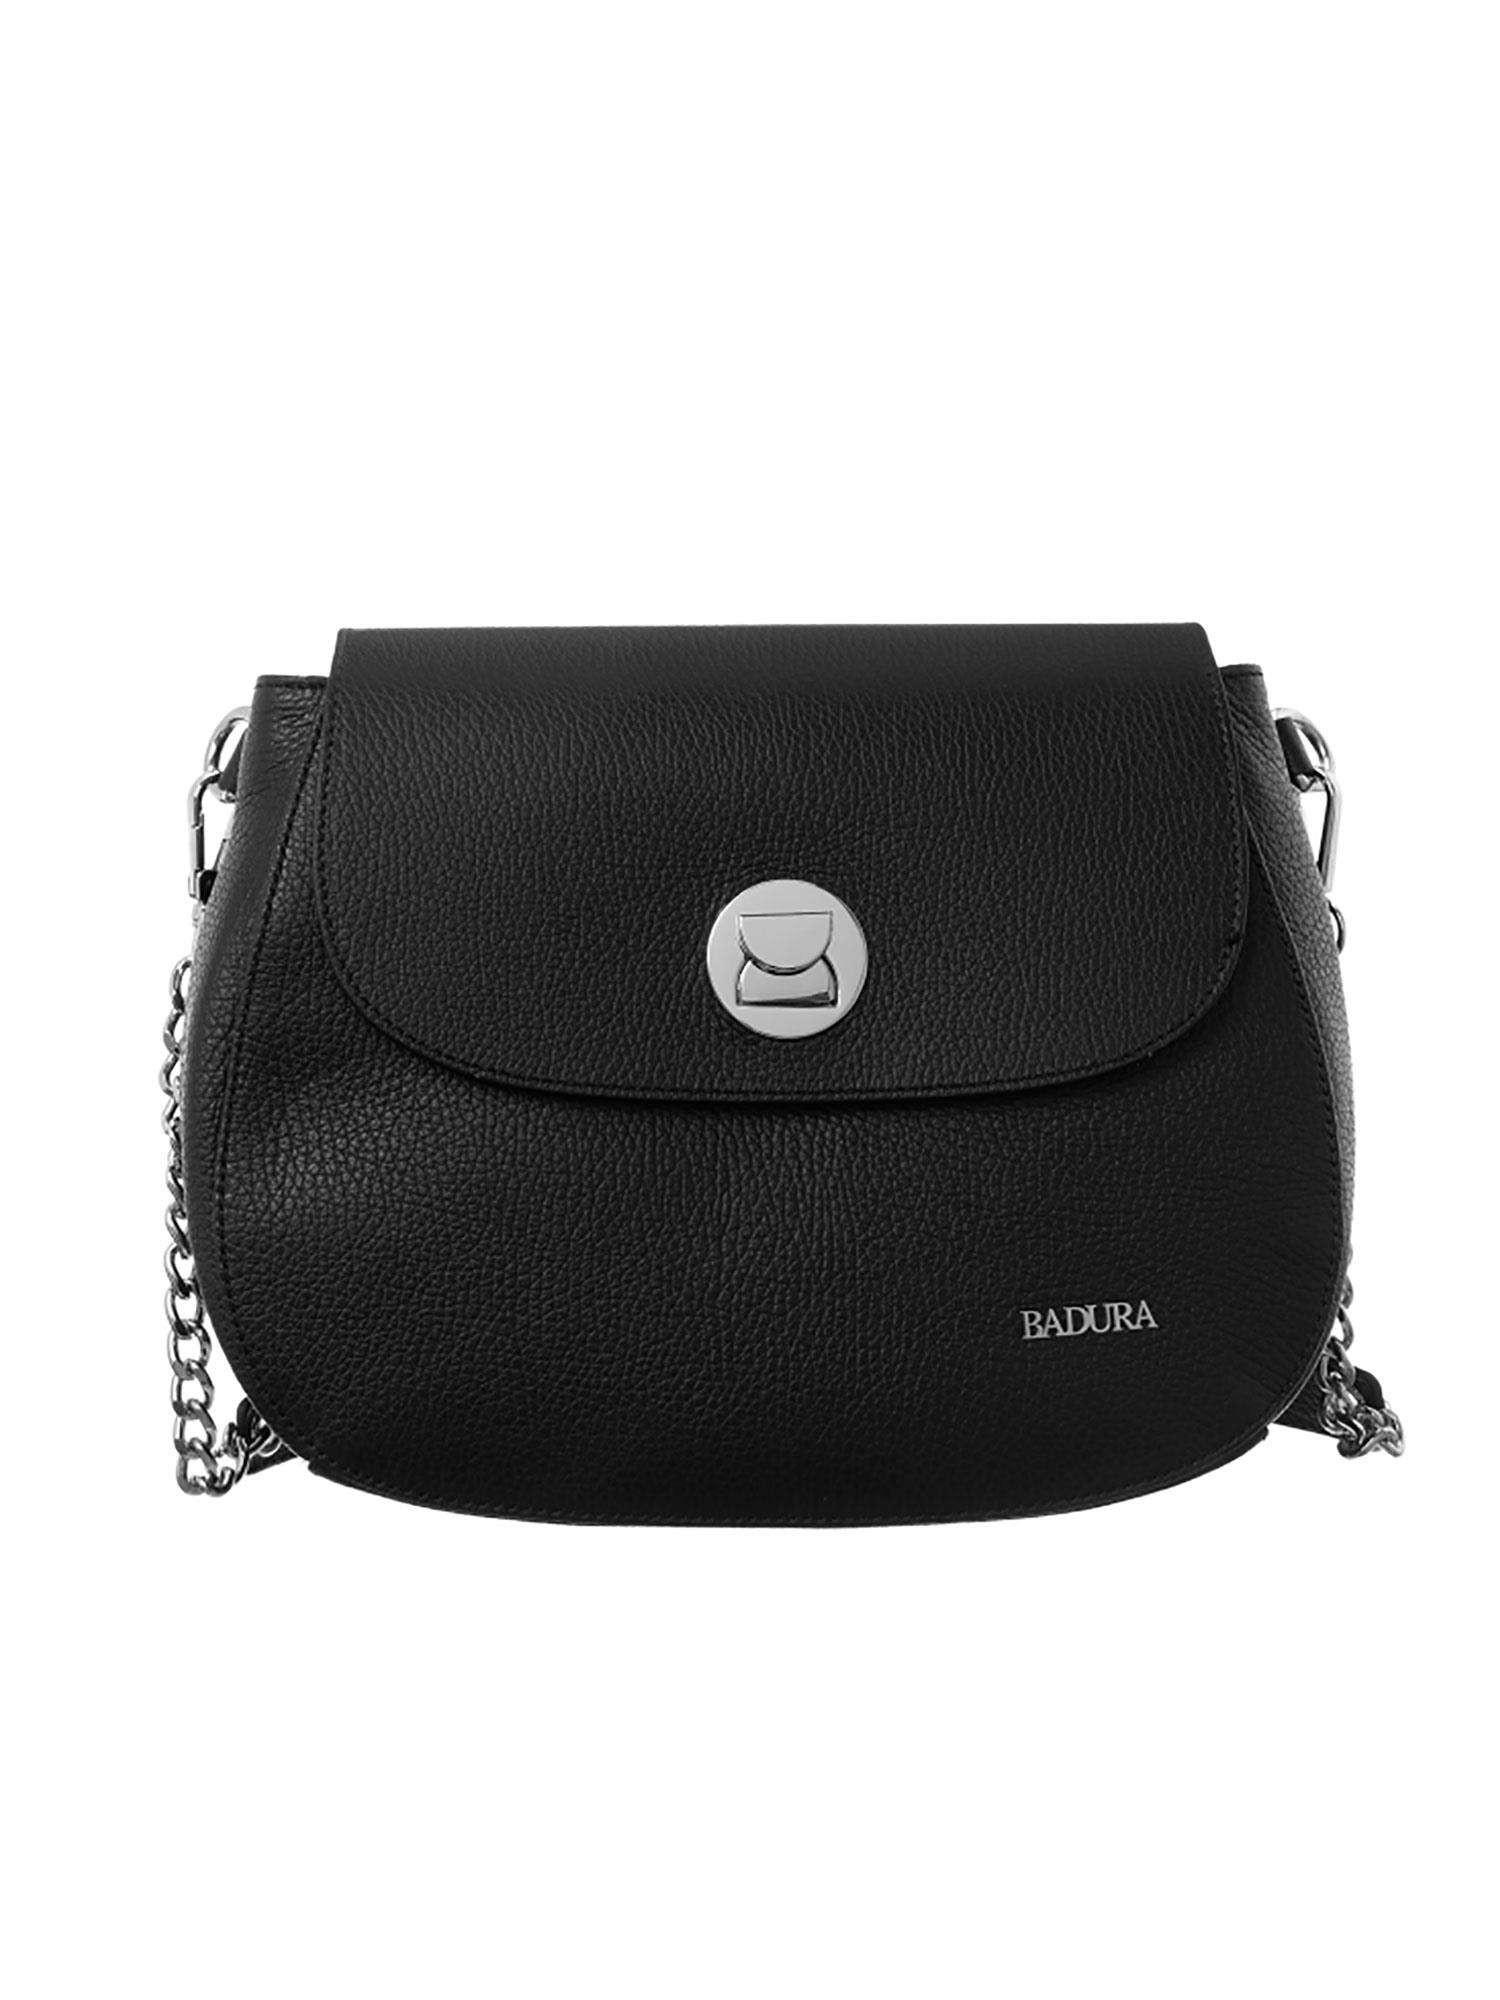 Badura Čierna kožená taška one size